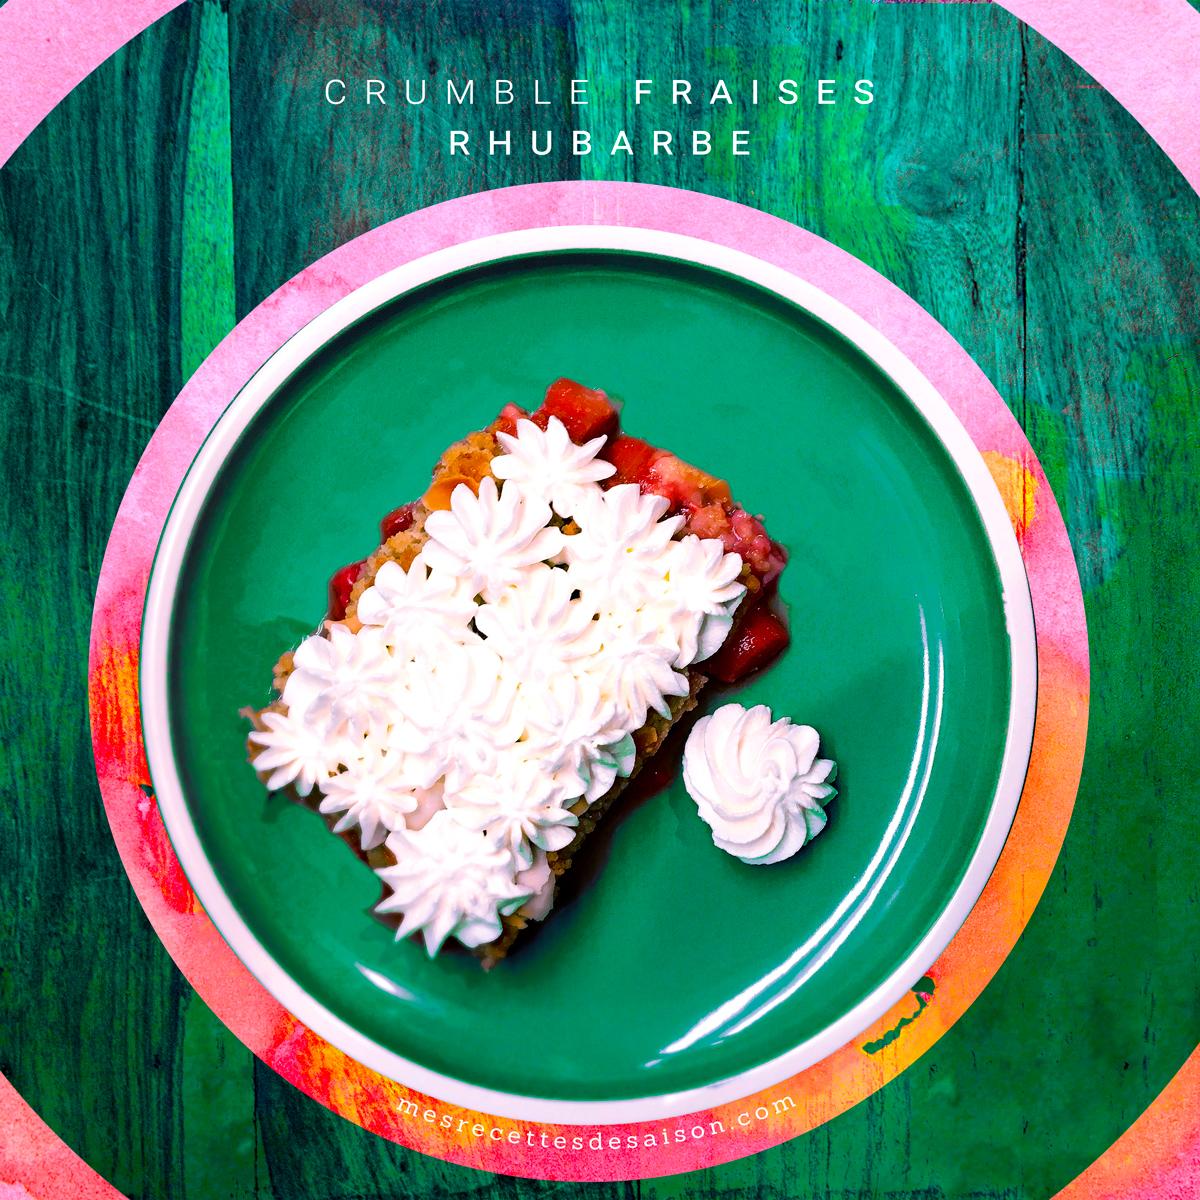 Crumble Fraises / Rhubarbe